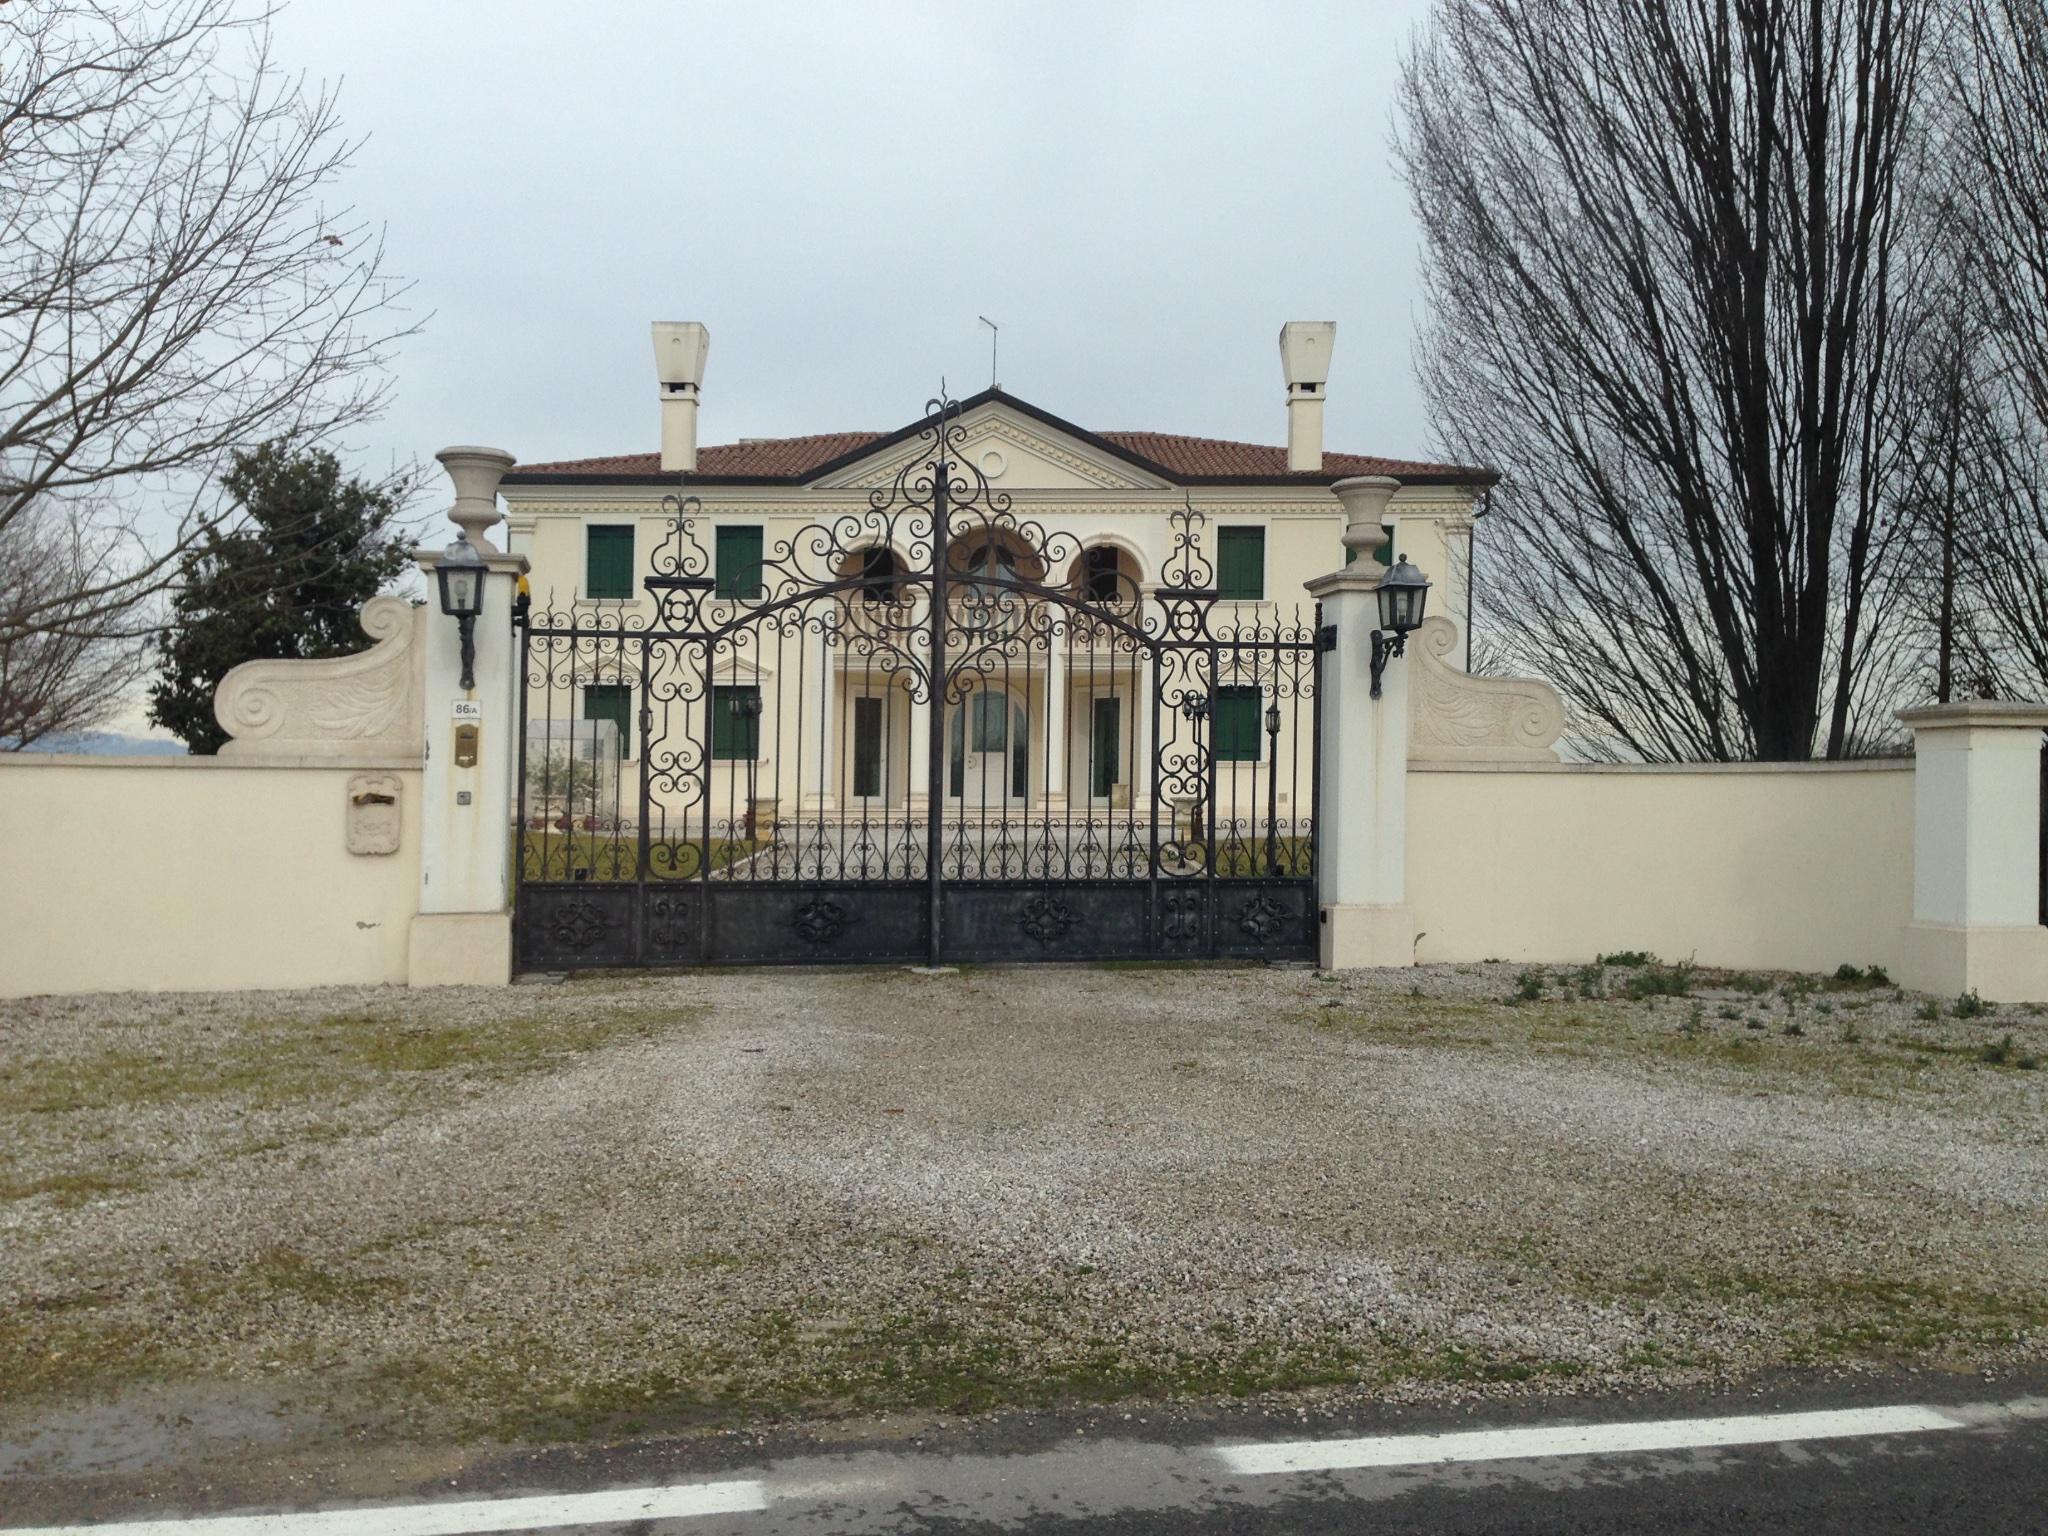 La migliore Quanto Puo Costare Ristrutturare Una Casa Idee e immagini di ispirazione  ezsrc.com ...